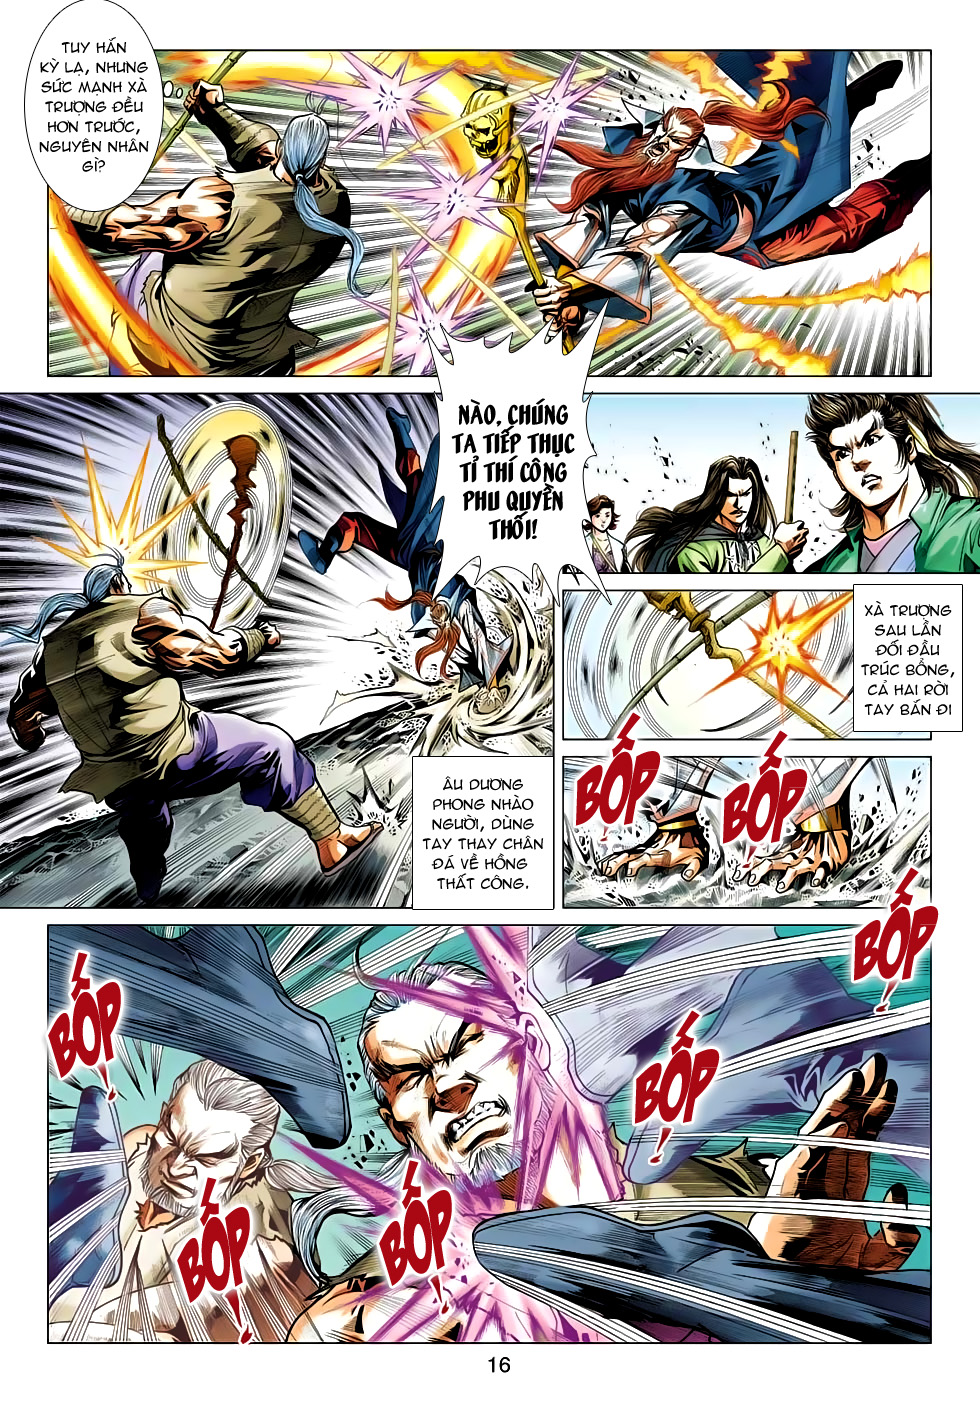 Xạ Điêu Anh Hùng Truyện chap 100 – End Trang 16 - Mangak.info